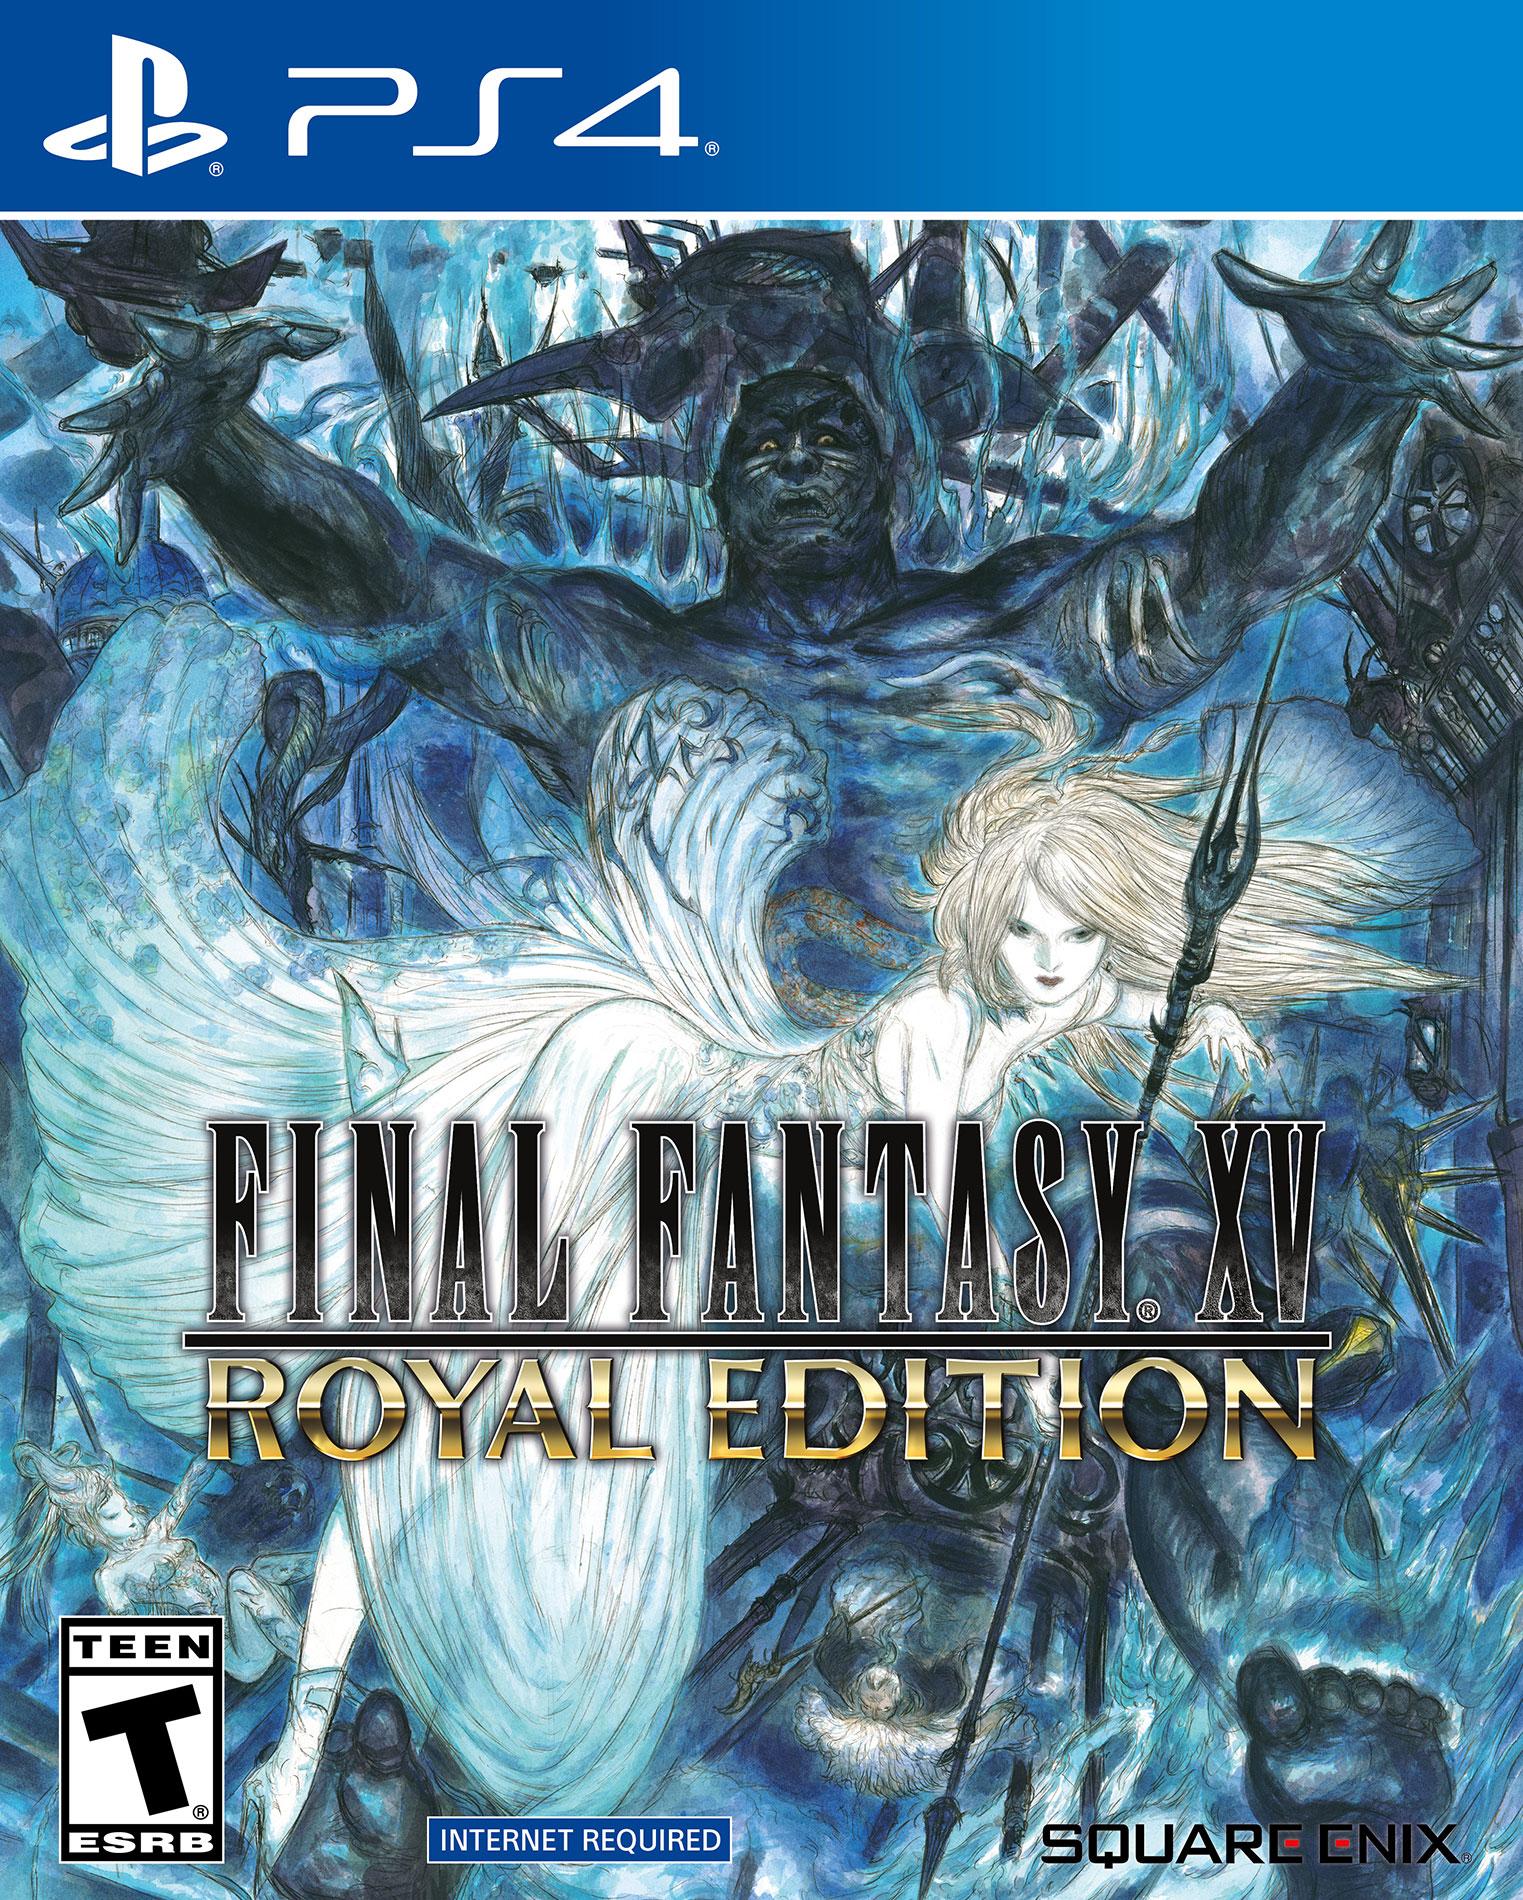 Final Fantasy XV Royal Edition PS4 Boxart